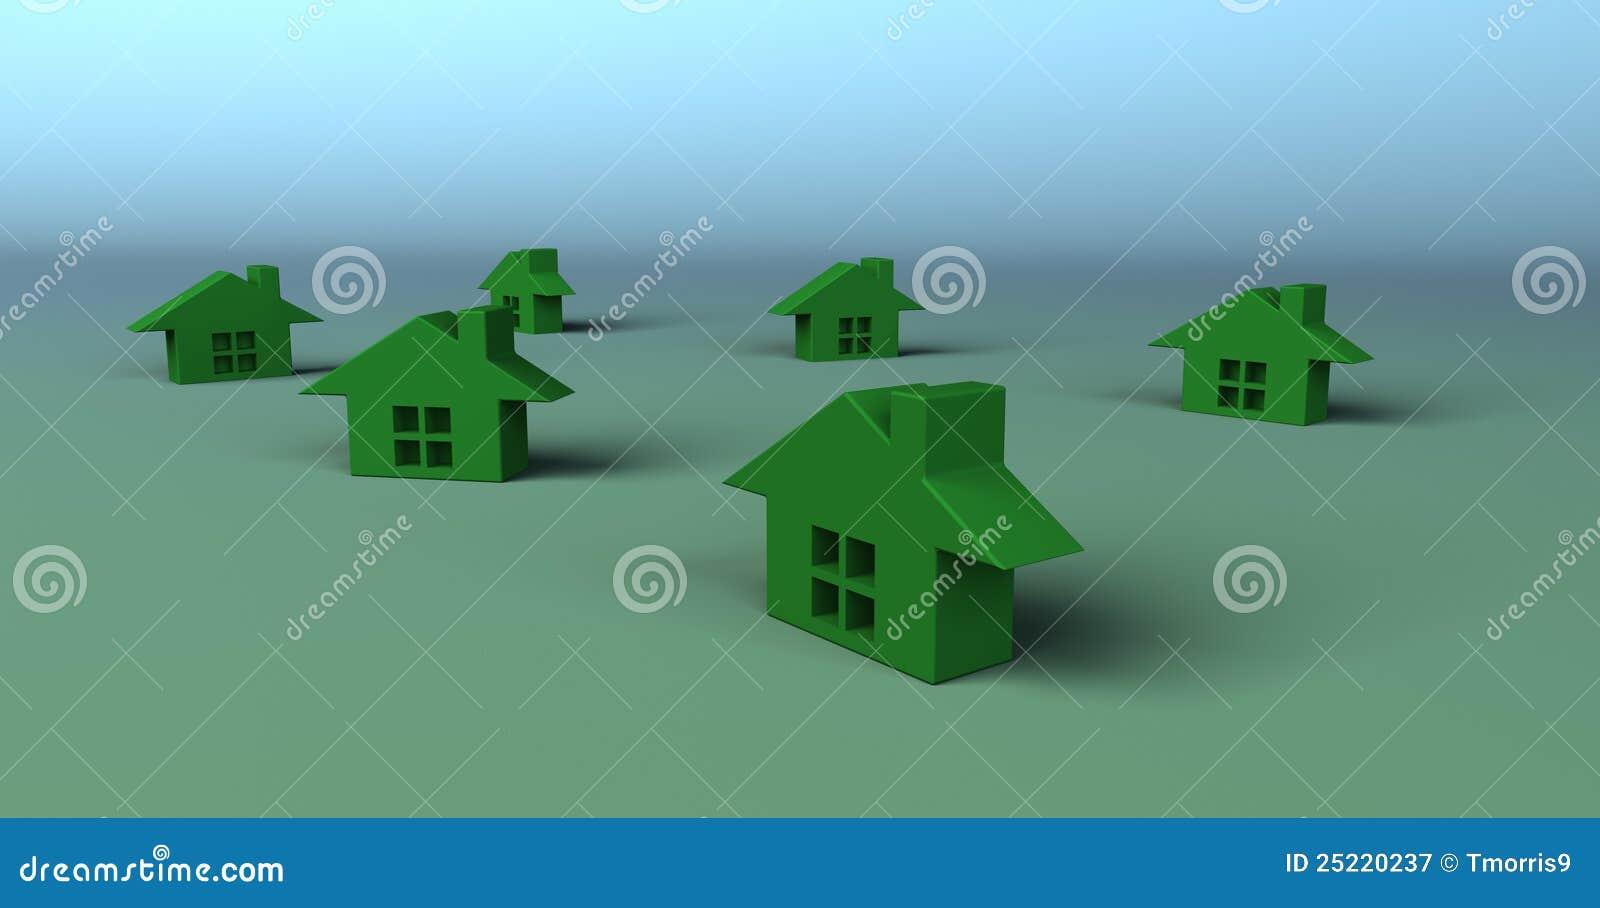 little green houses stock illustration illustration of. Black Bedroom Furniture Sets. Home Design Ideas